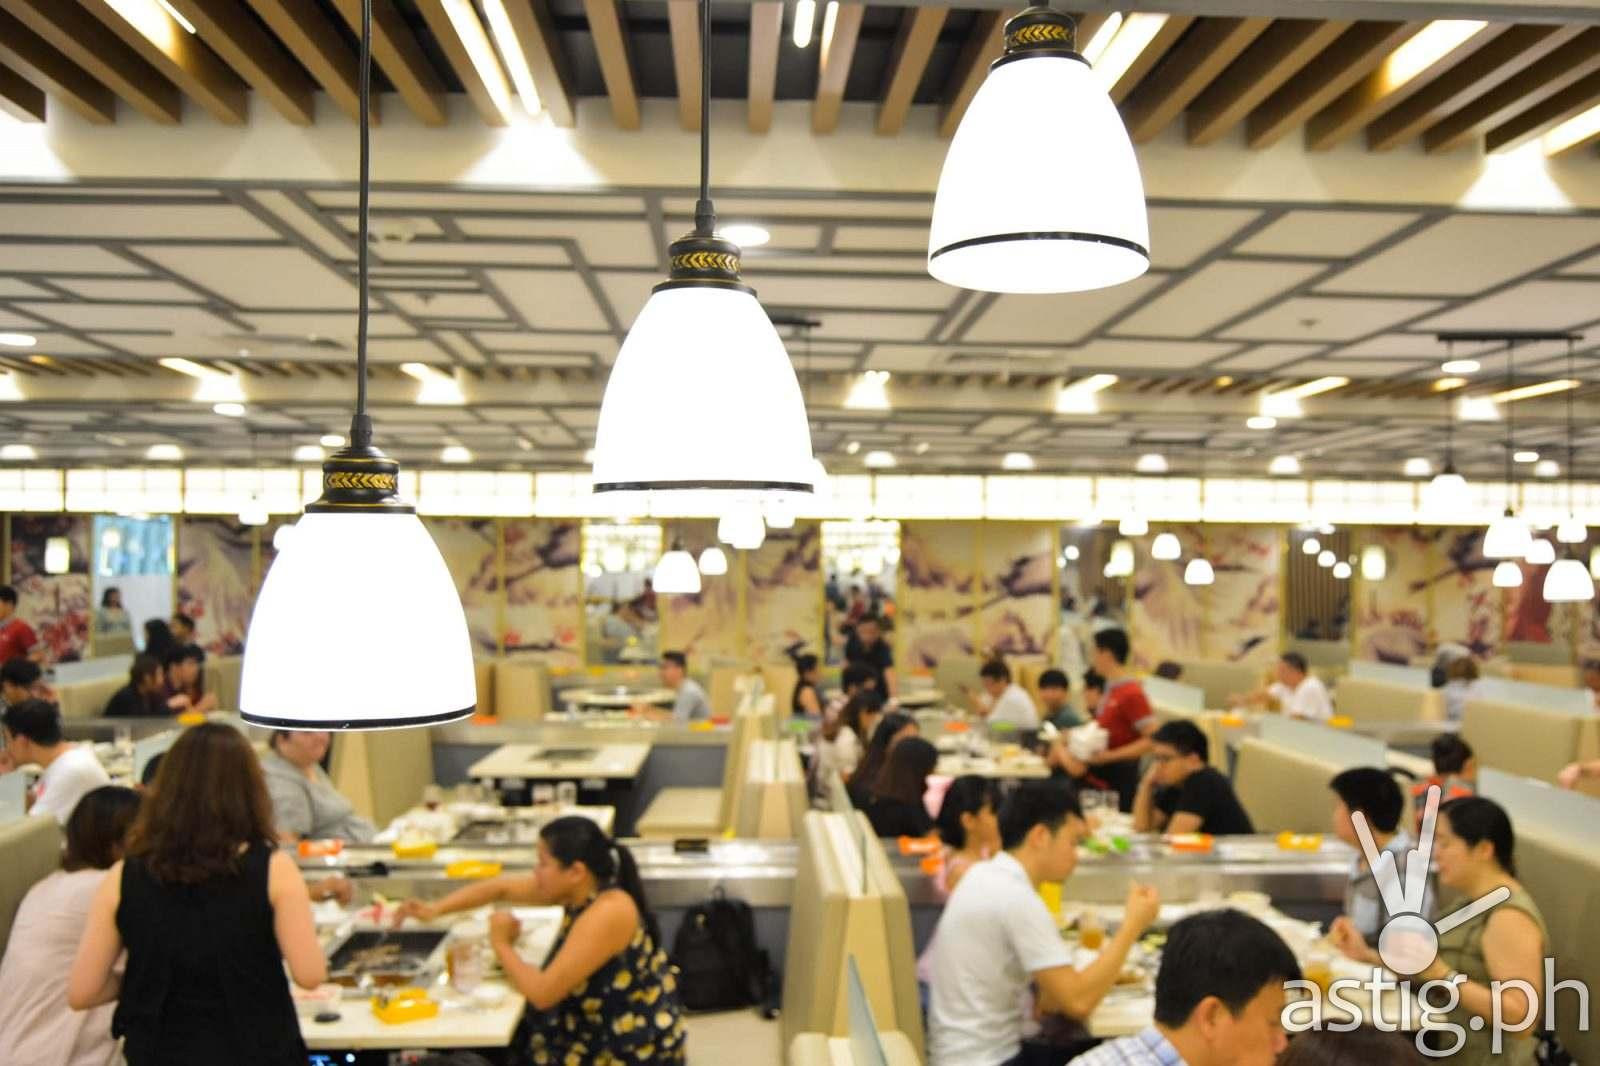 Dining lights - Hosaku International Buffet Philippines SM North Tower 2